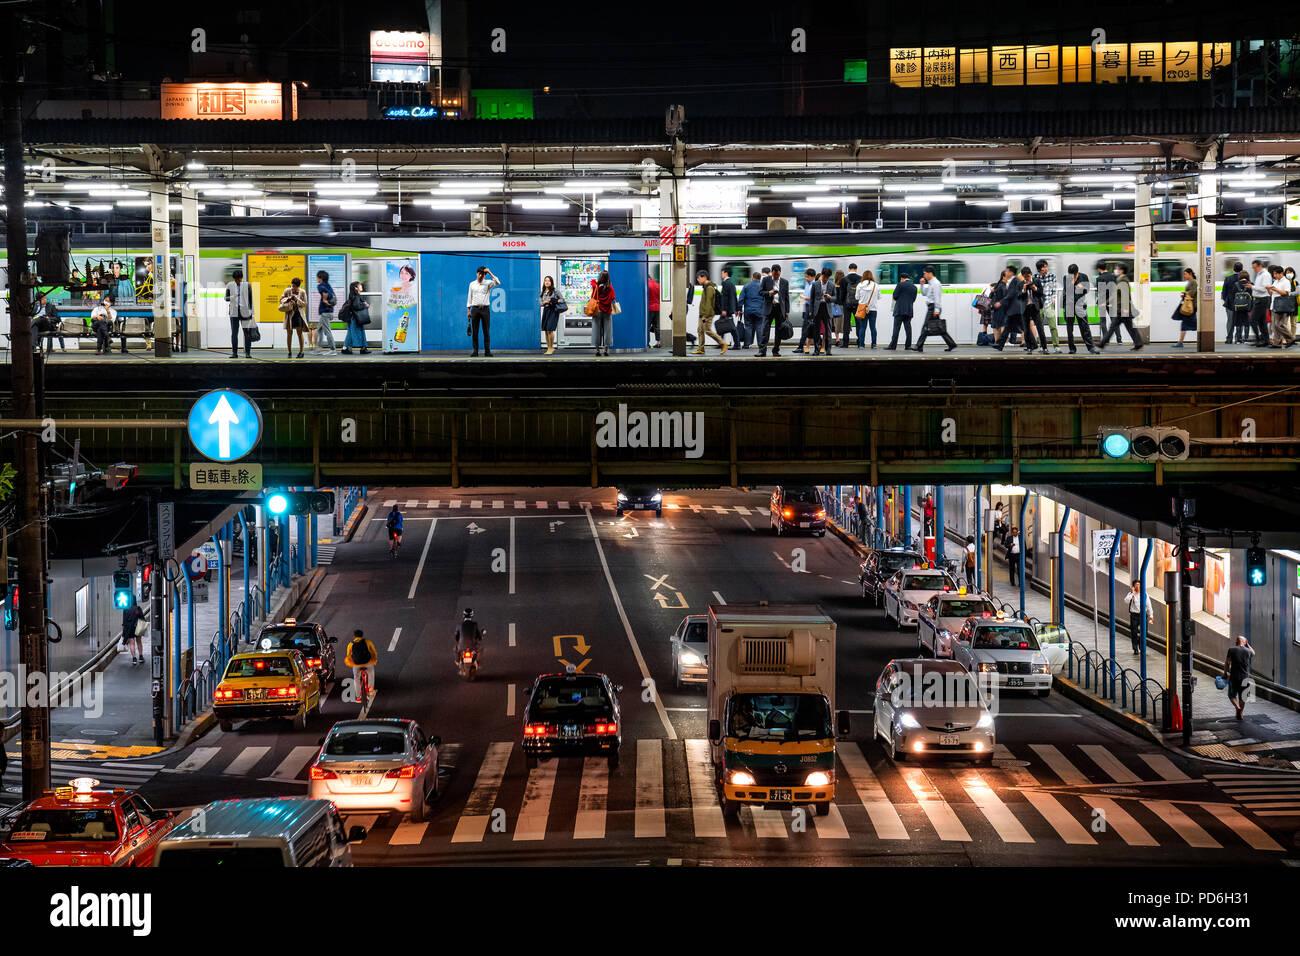 La isla de Japón, Honshu, Kanto, Tokio, una estación de tren y una debajo de trafic carretera a lo largo de la línea Yamanote. Imagen De Stock